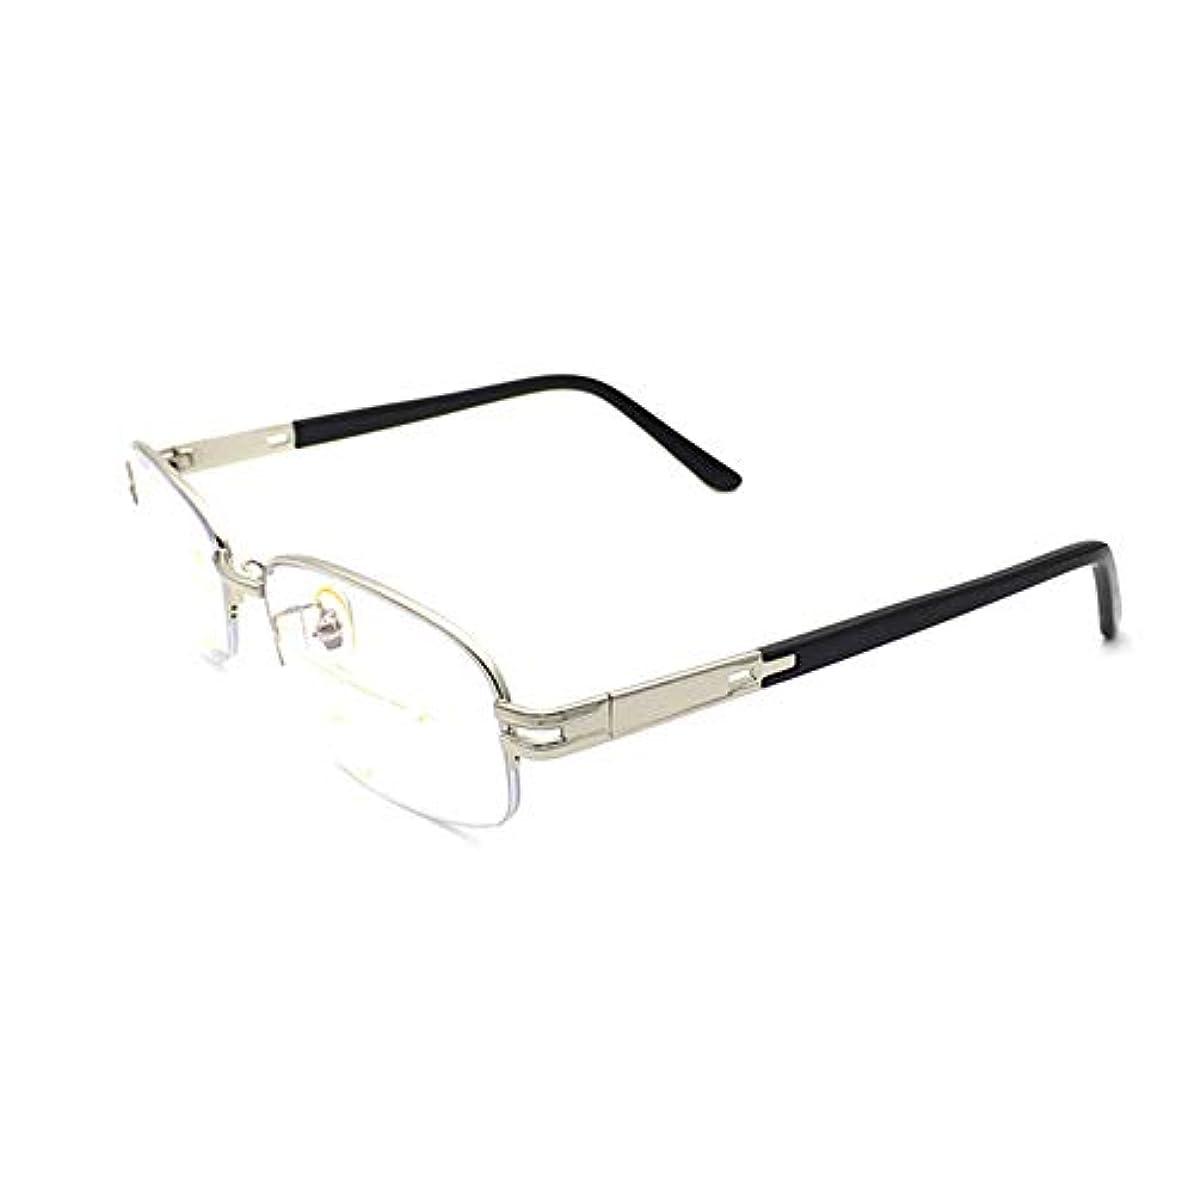 オピエート険しい見ましたインテリジェントプログレッシブマルチフォーカス老眼鏡、近用および両用UVゴーグル、男性用および女性用ファッション超軽量コンピューターモバイルメガネ、目の疲労防止